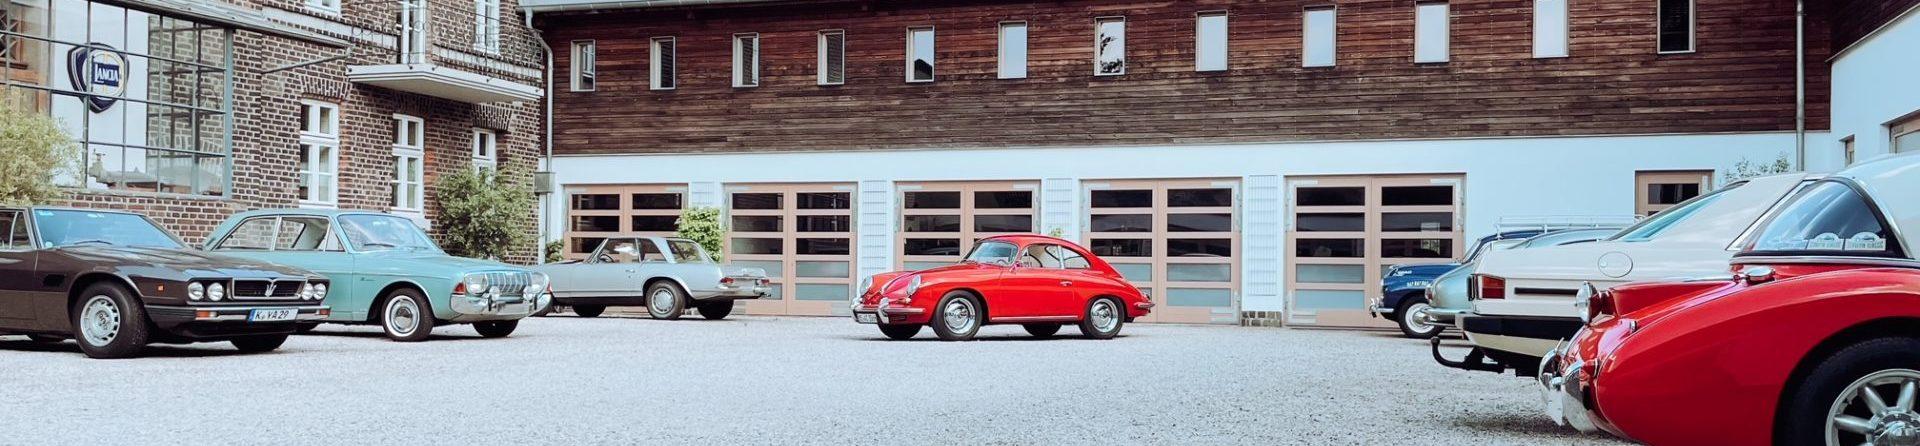 Kfz-Sachverständige für Oldtimer, Sportwagen und Schadenbereich